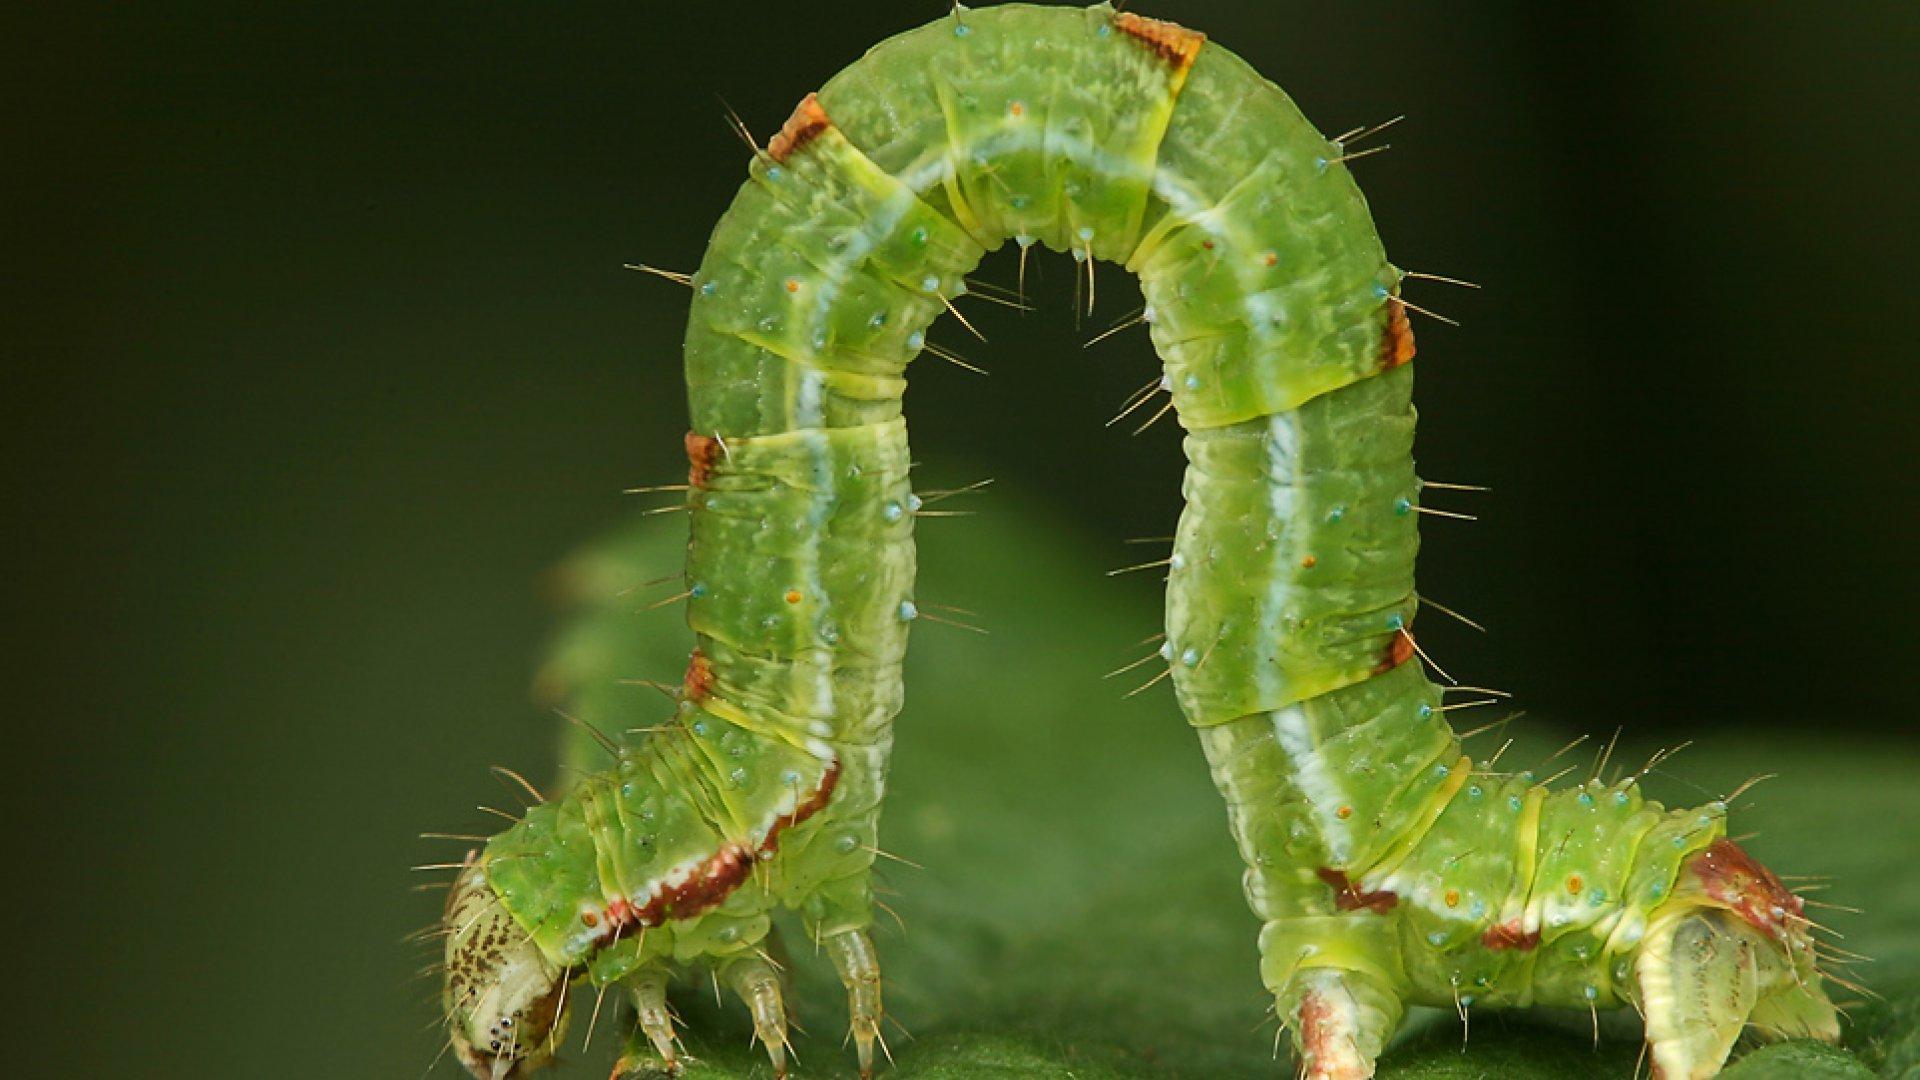 Численность насекомых вФРГ сократилась за27 лет на75-82% — Экологи